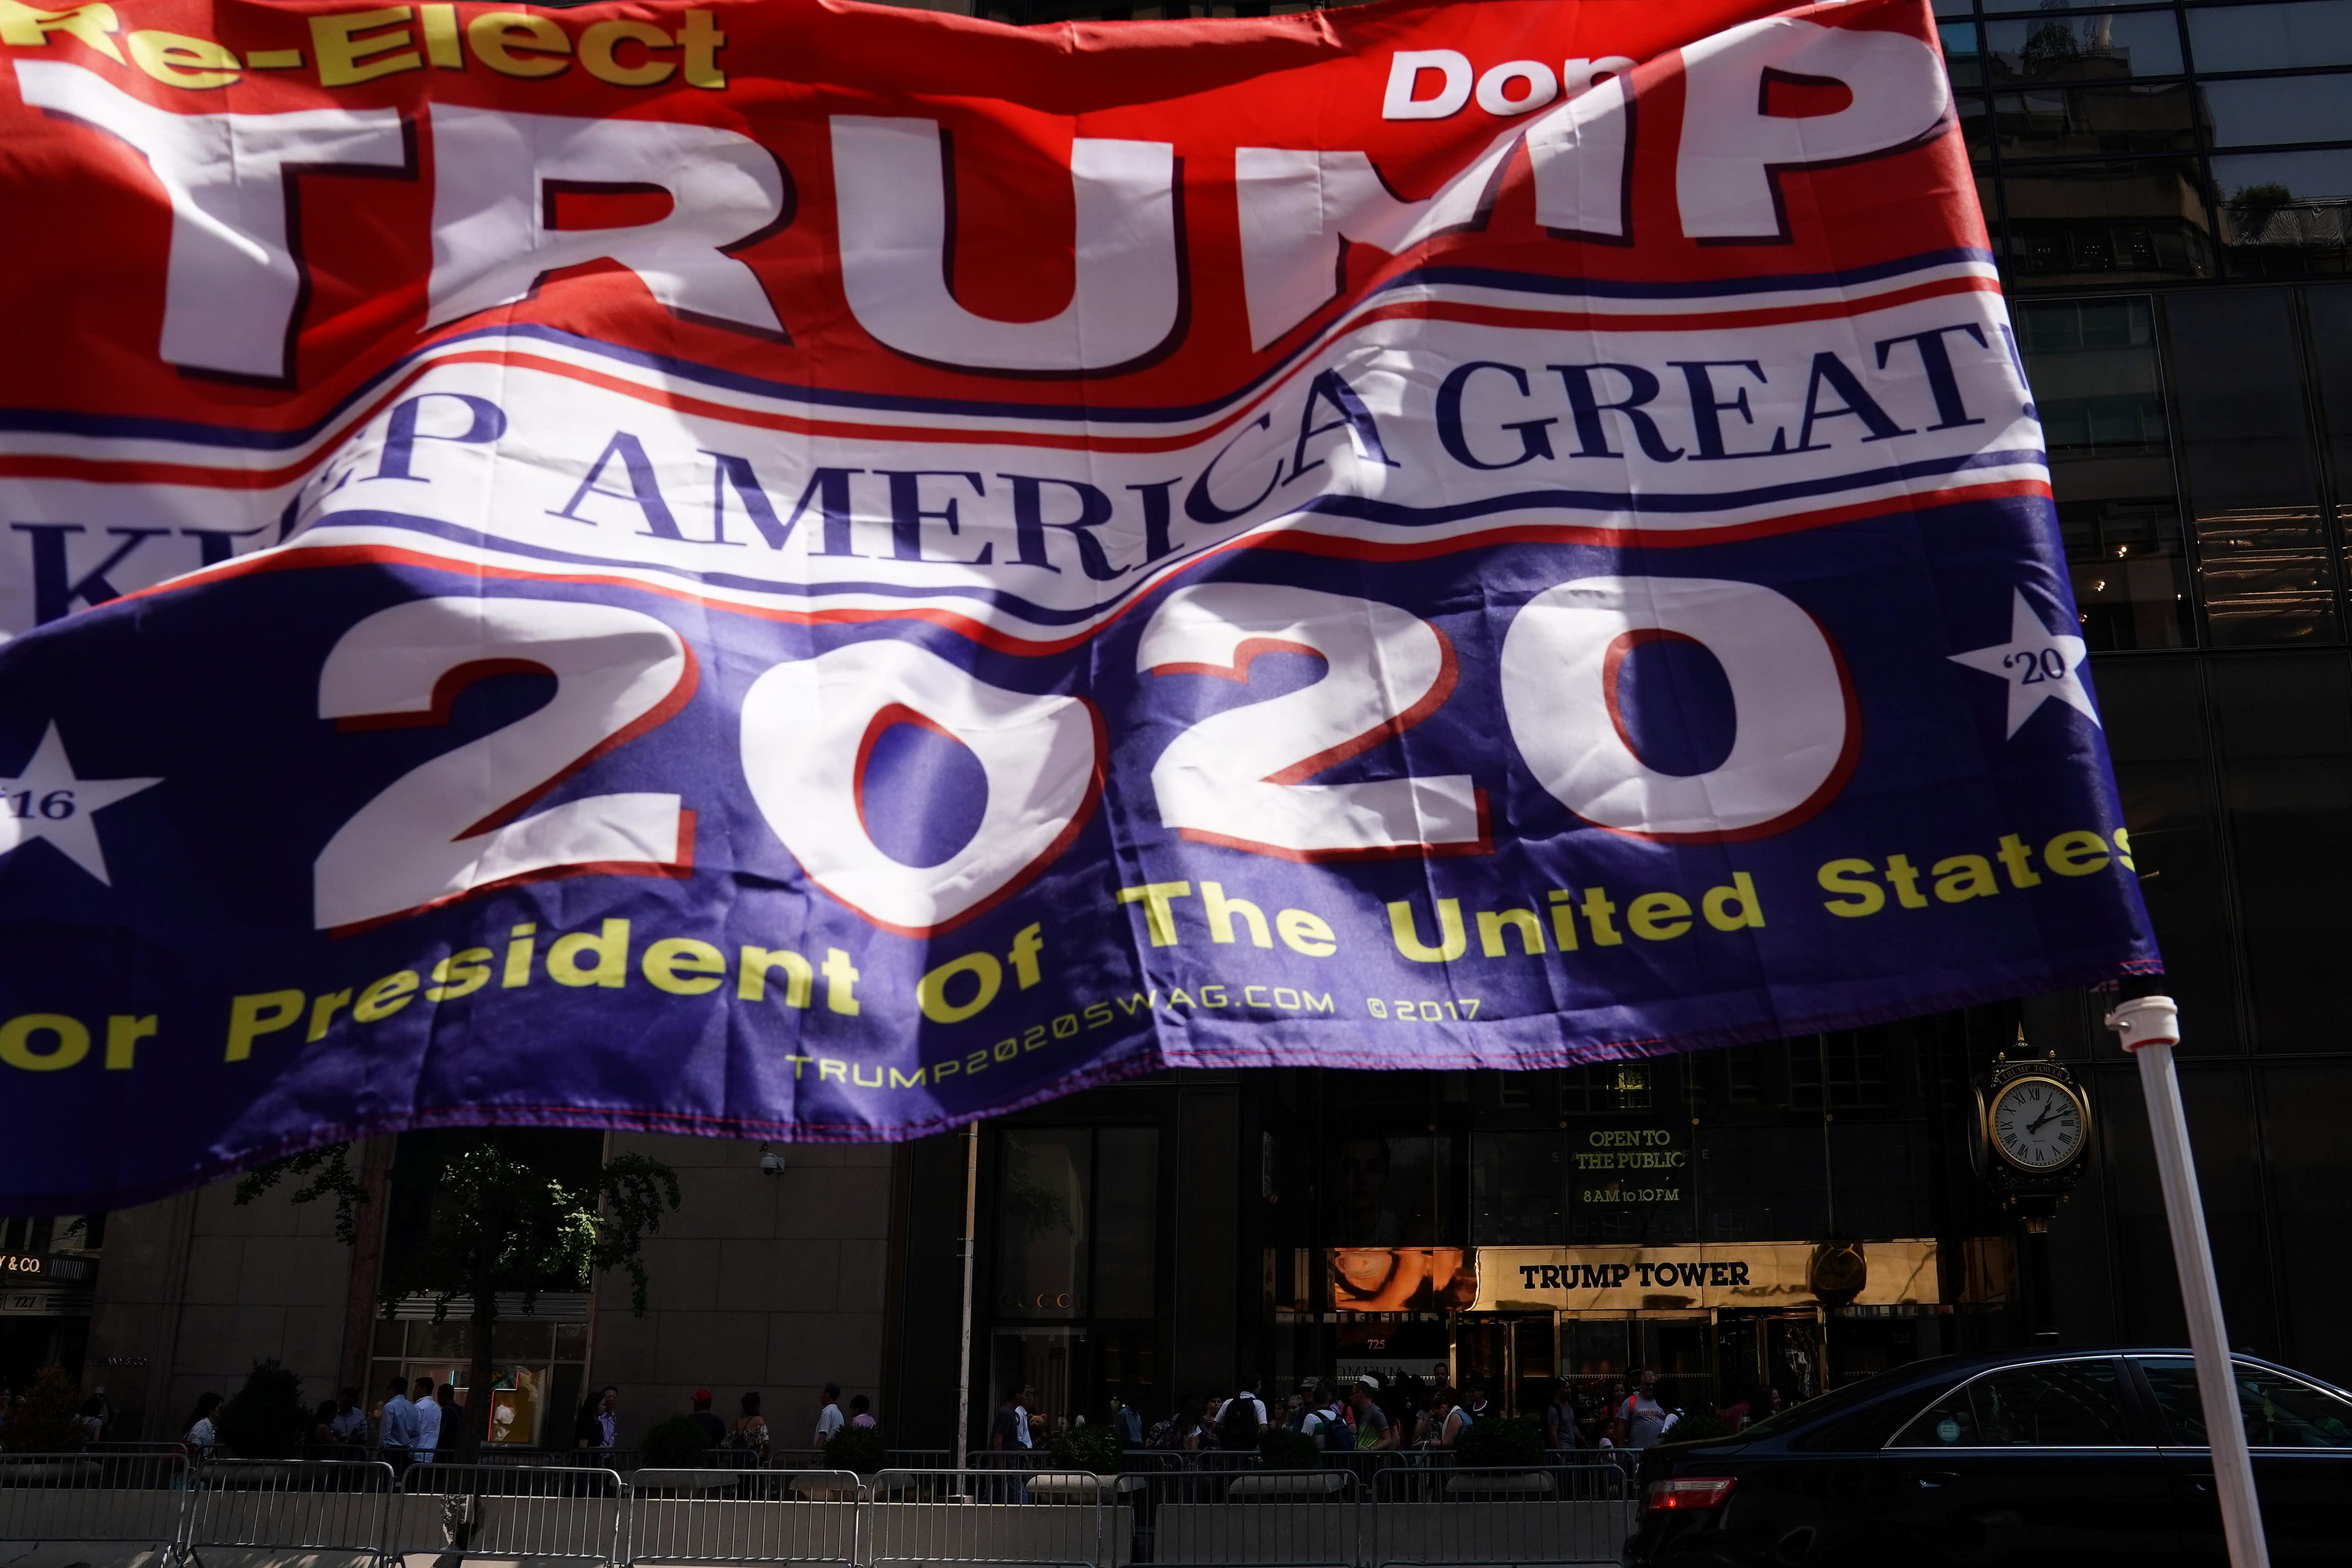 Vendors selling Trump, Confederate flags at community market spark